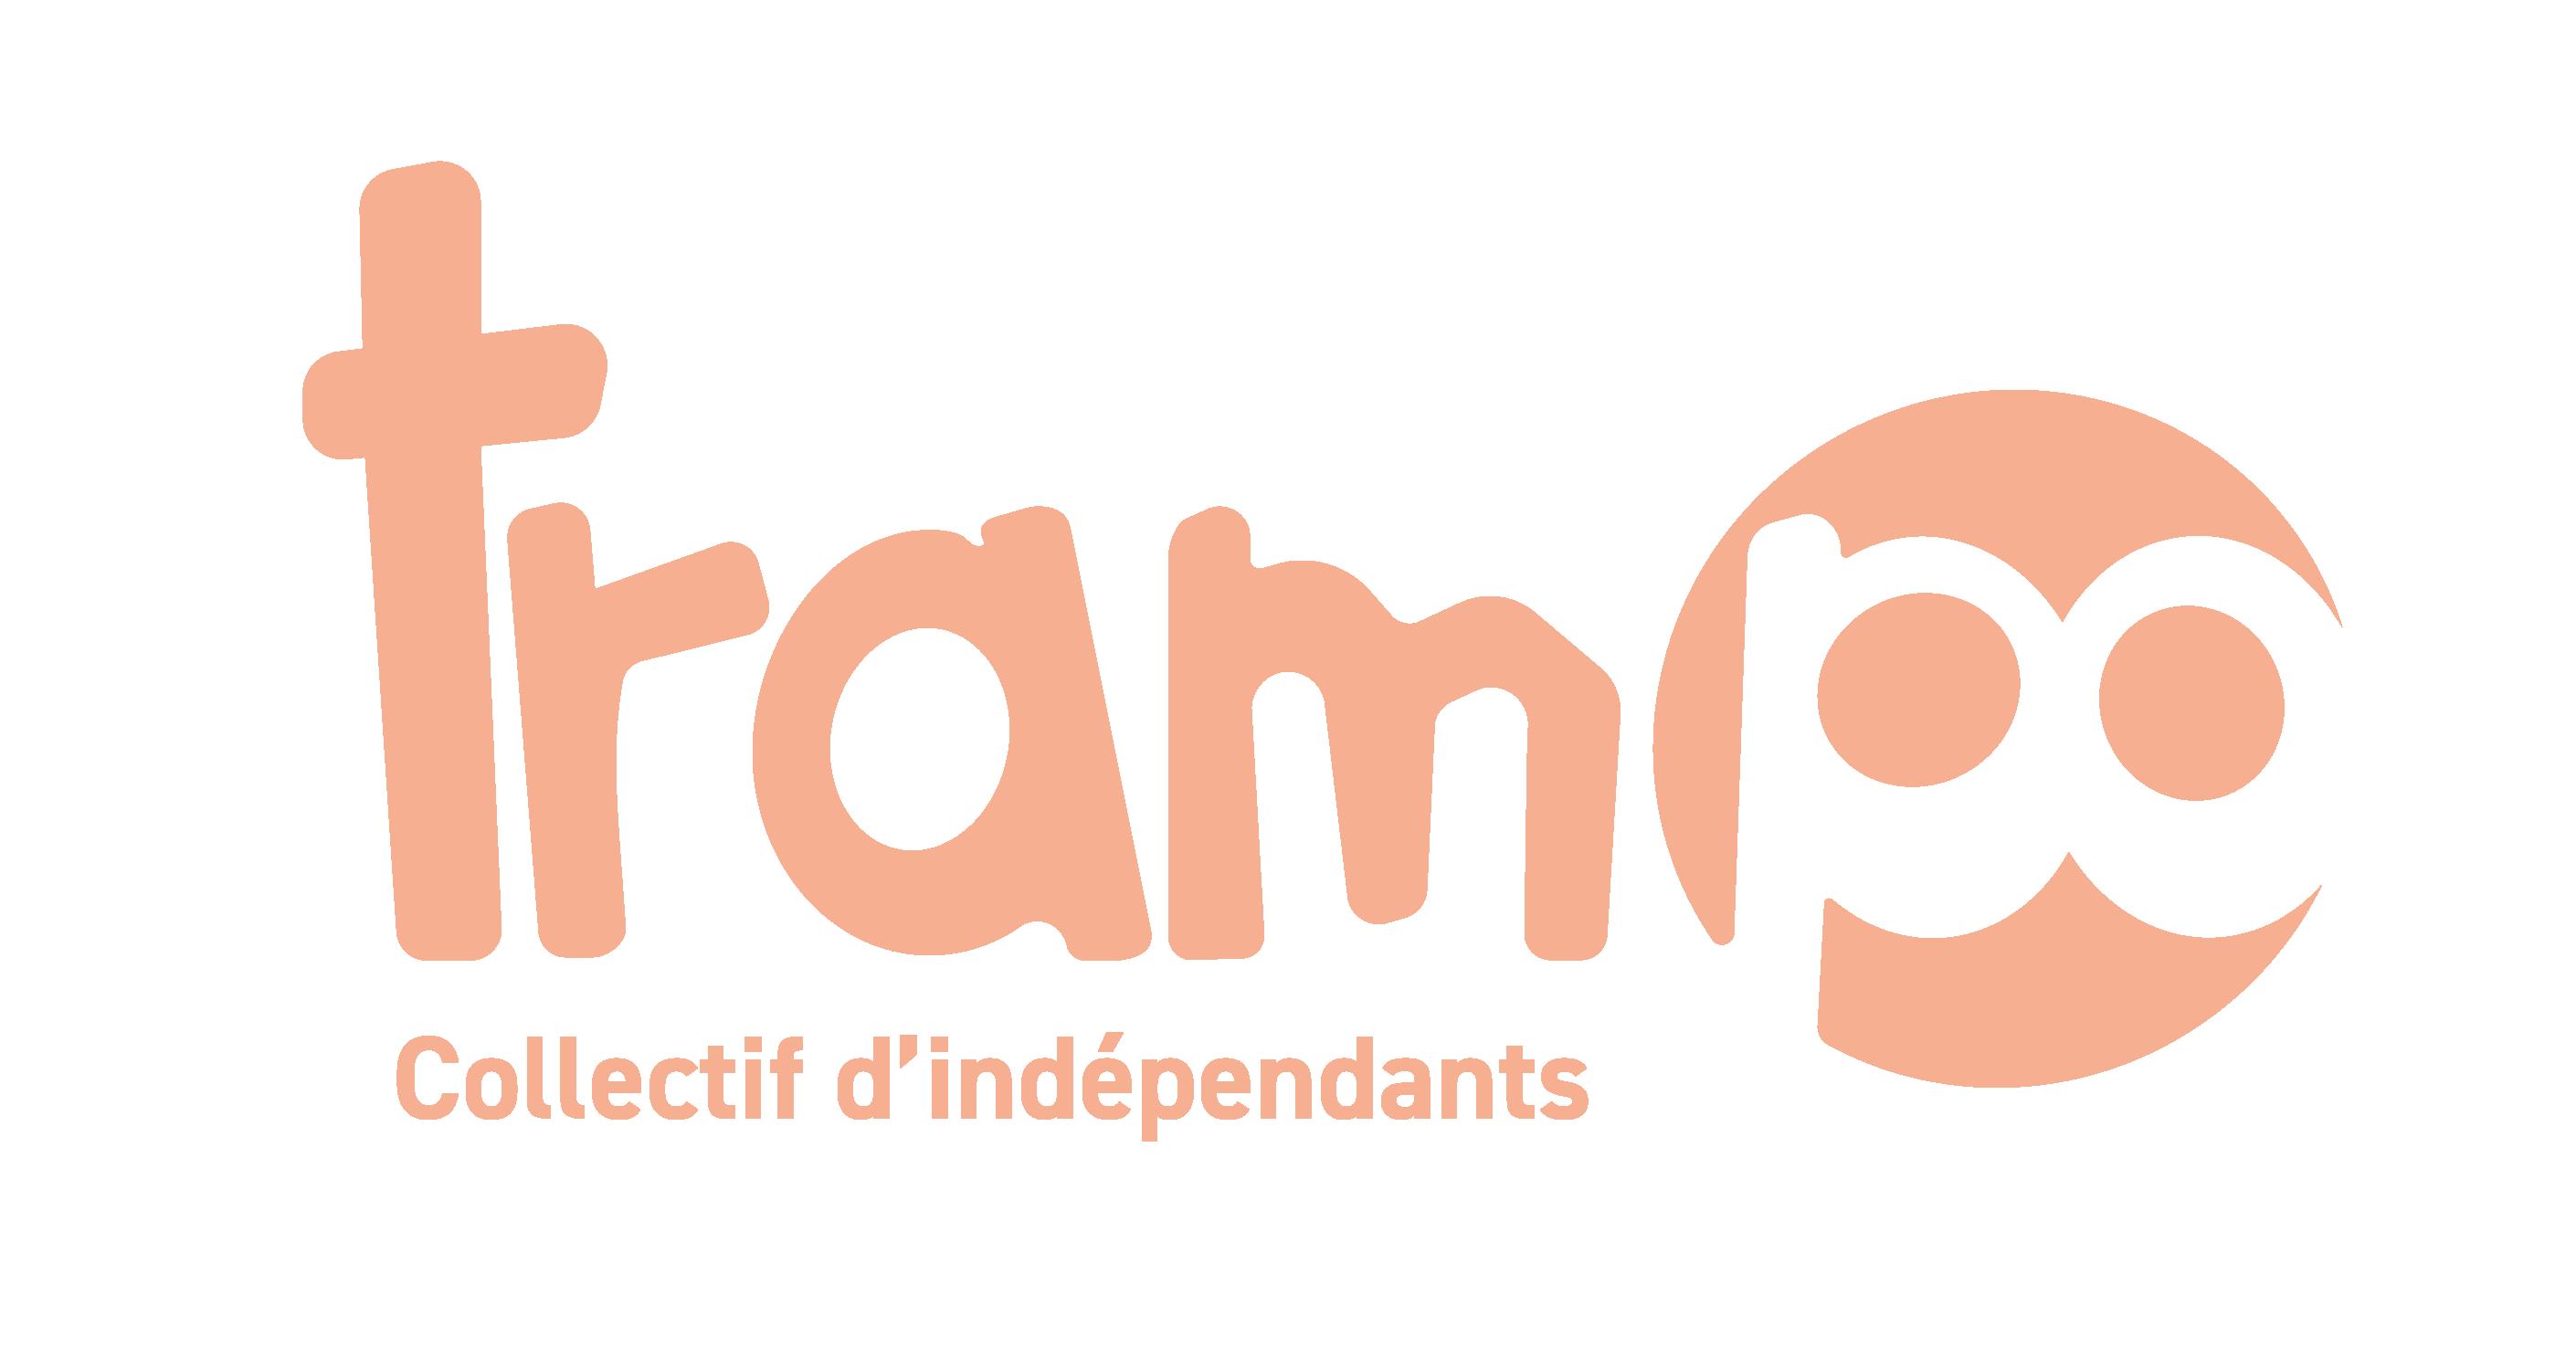 logo_Plan de travail 1 copie 5